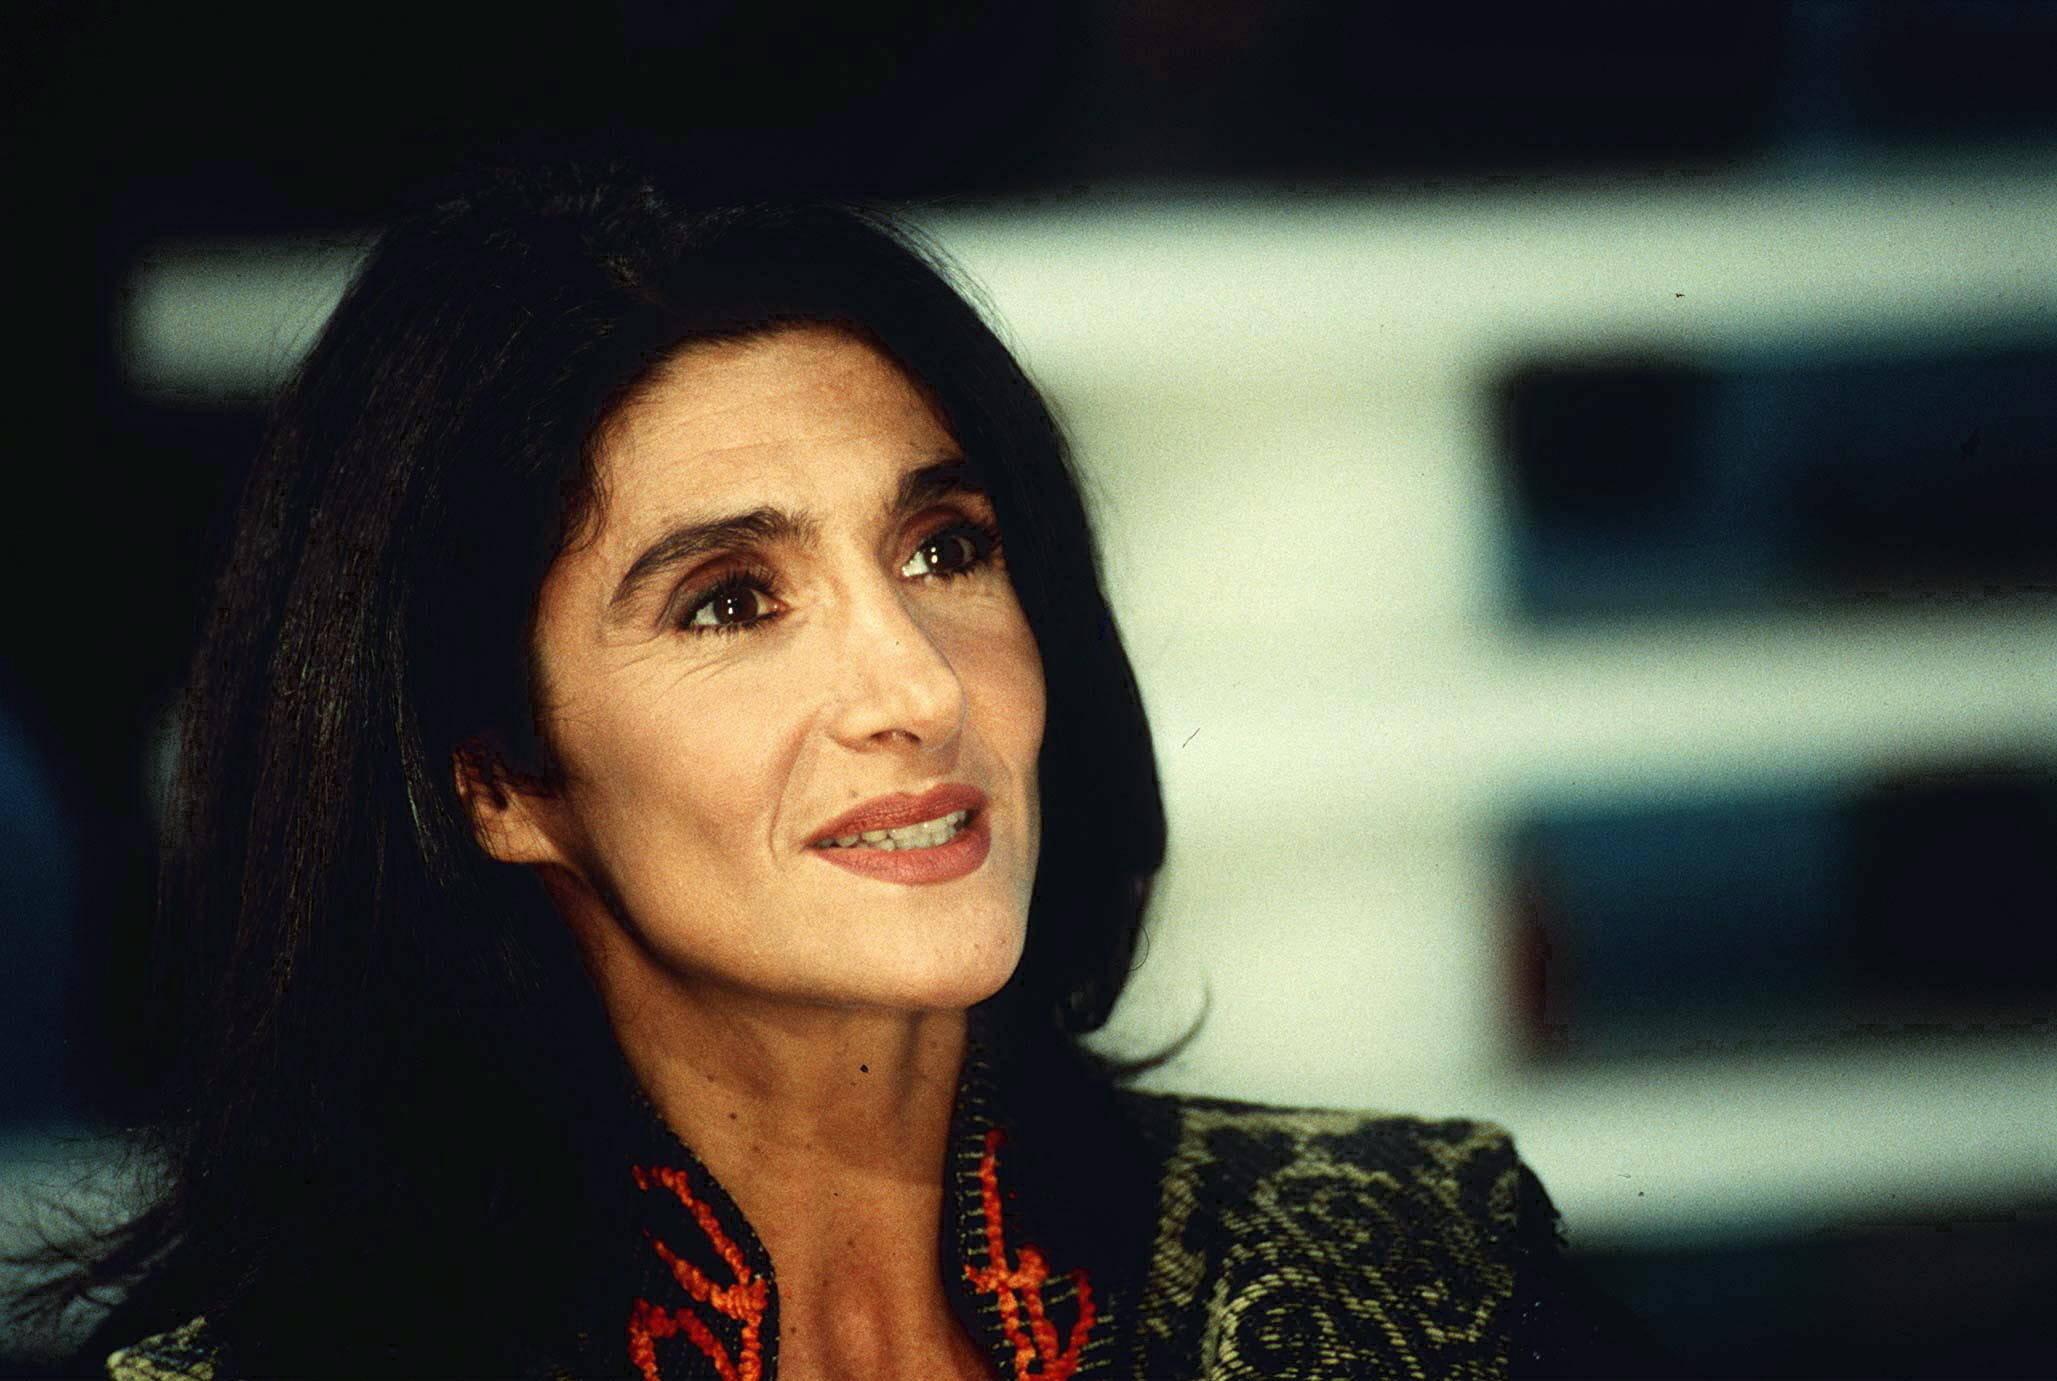 """Anna Marchesini, parla la figlia: """"Mia madre maestra di entusiasmo"""""""